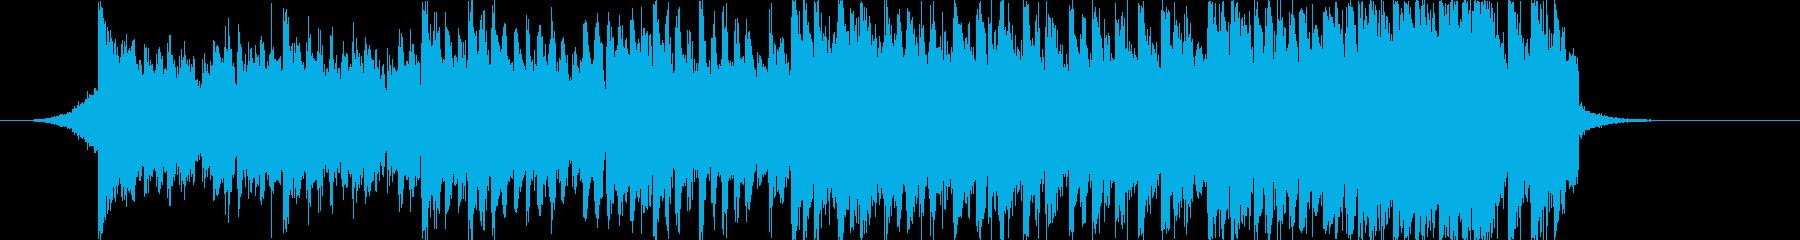 ポップなチップチューンなジングルの再生済みの波形